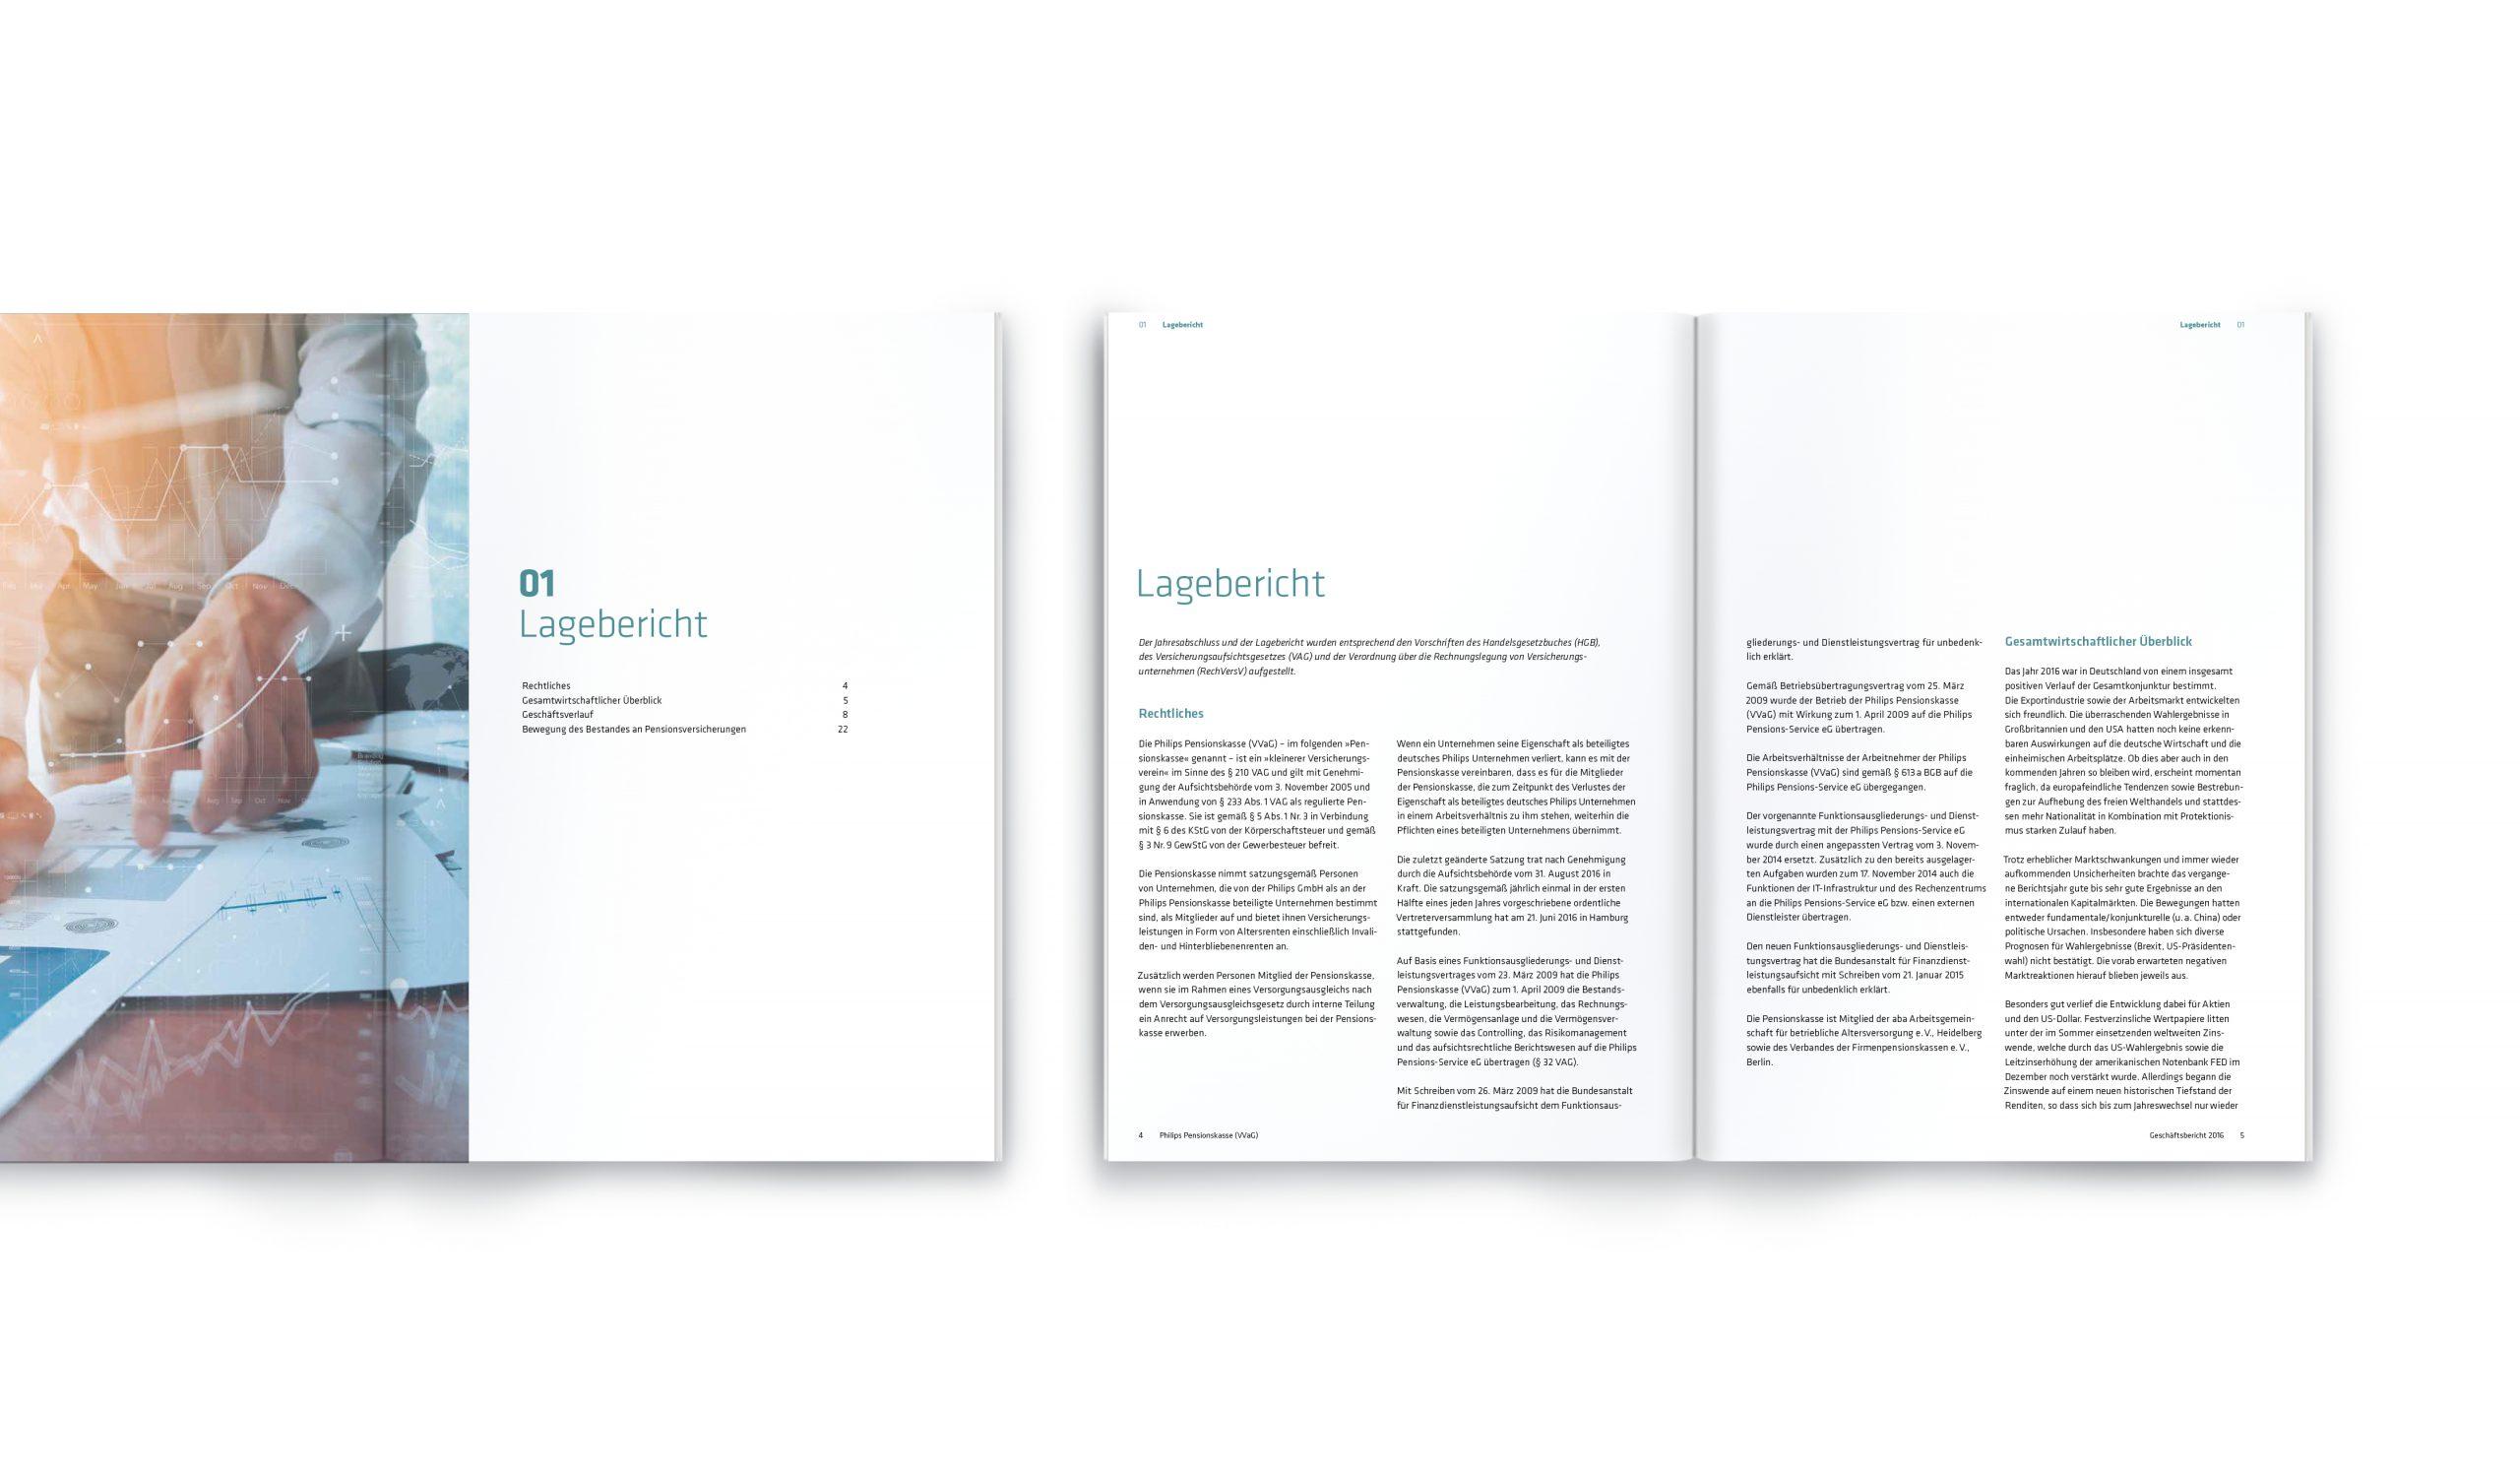 Philips Pensionskasse: CD-Entwicklung von Bosbach, Geschäftsberichte-Design